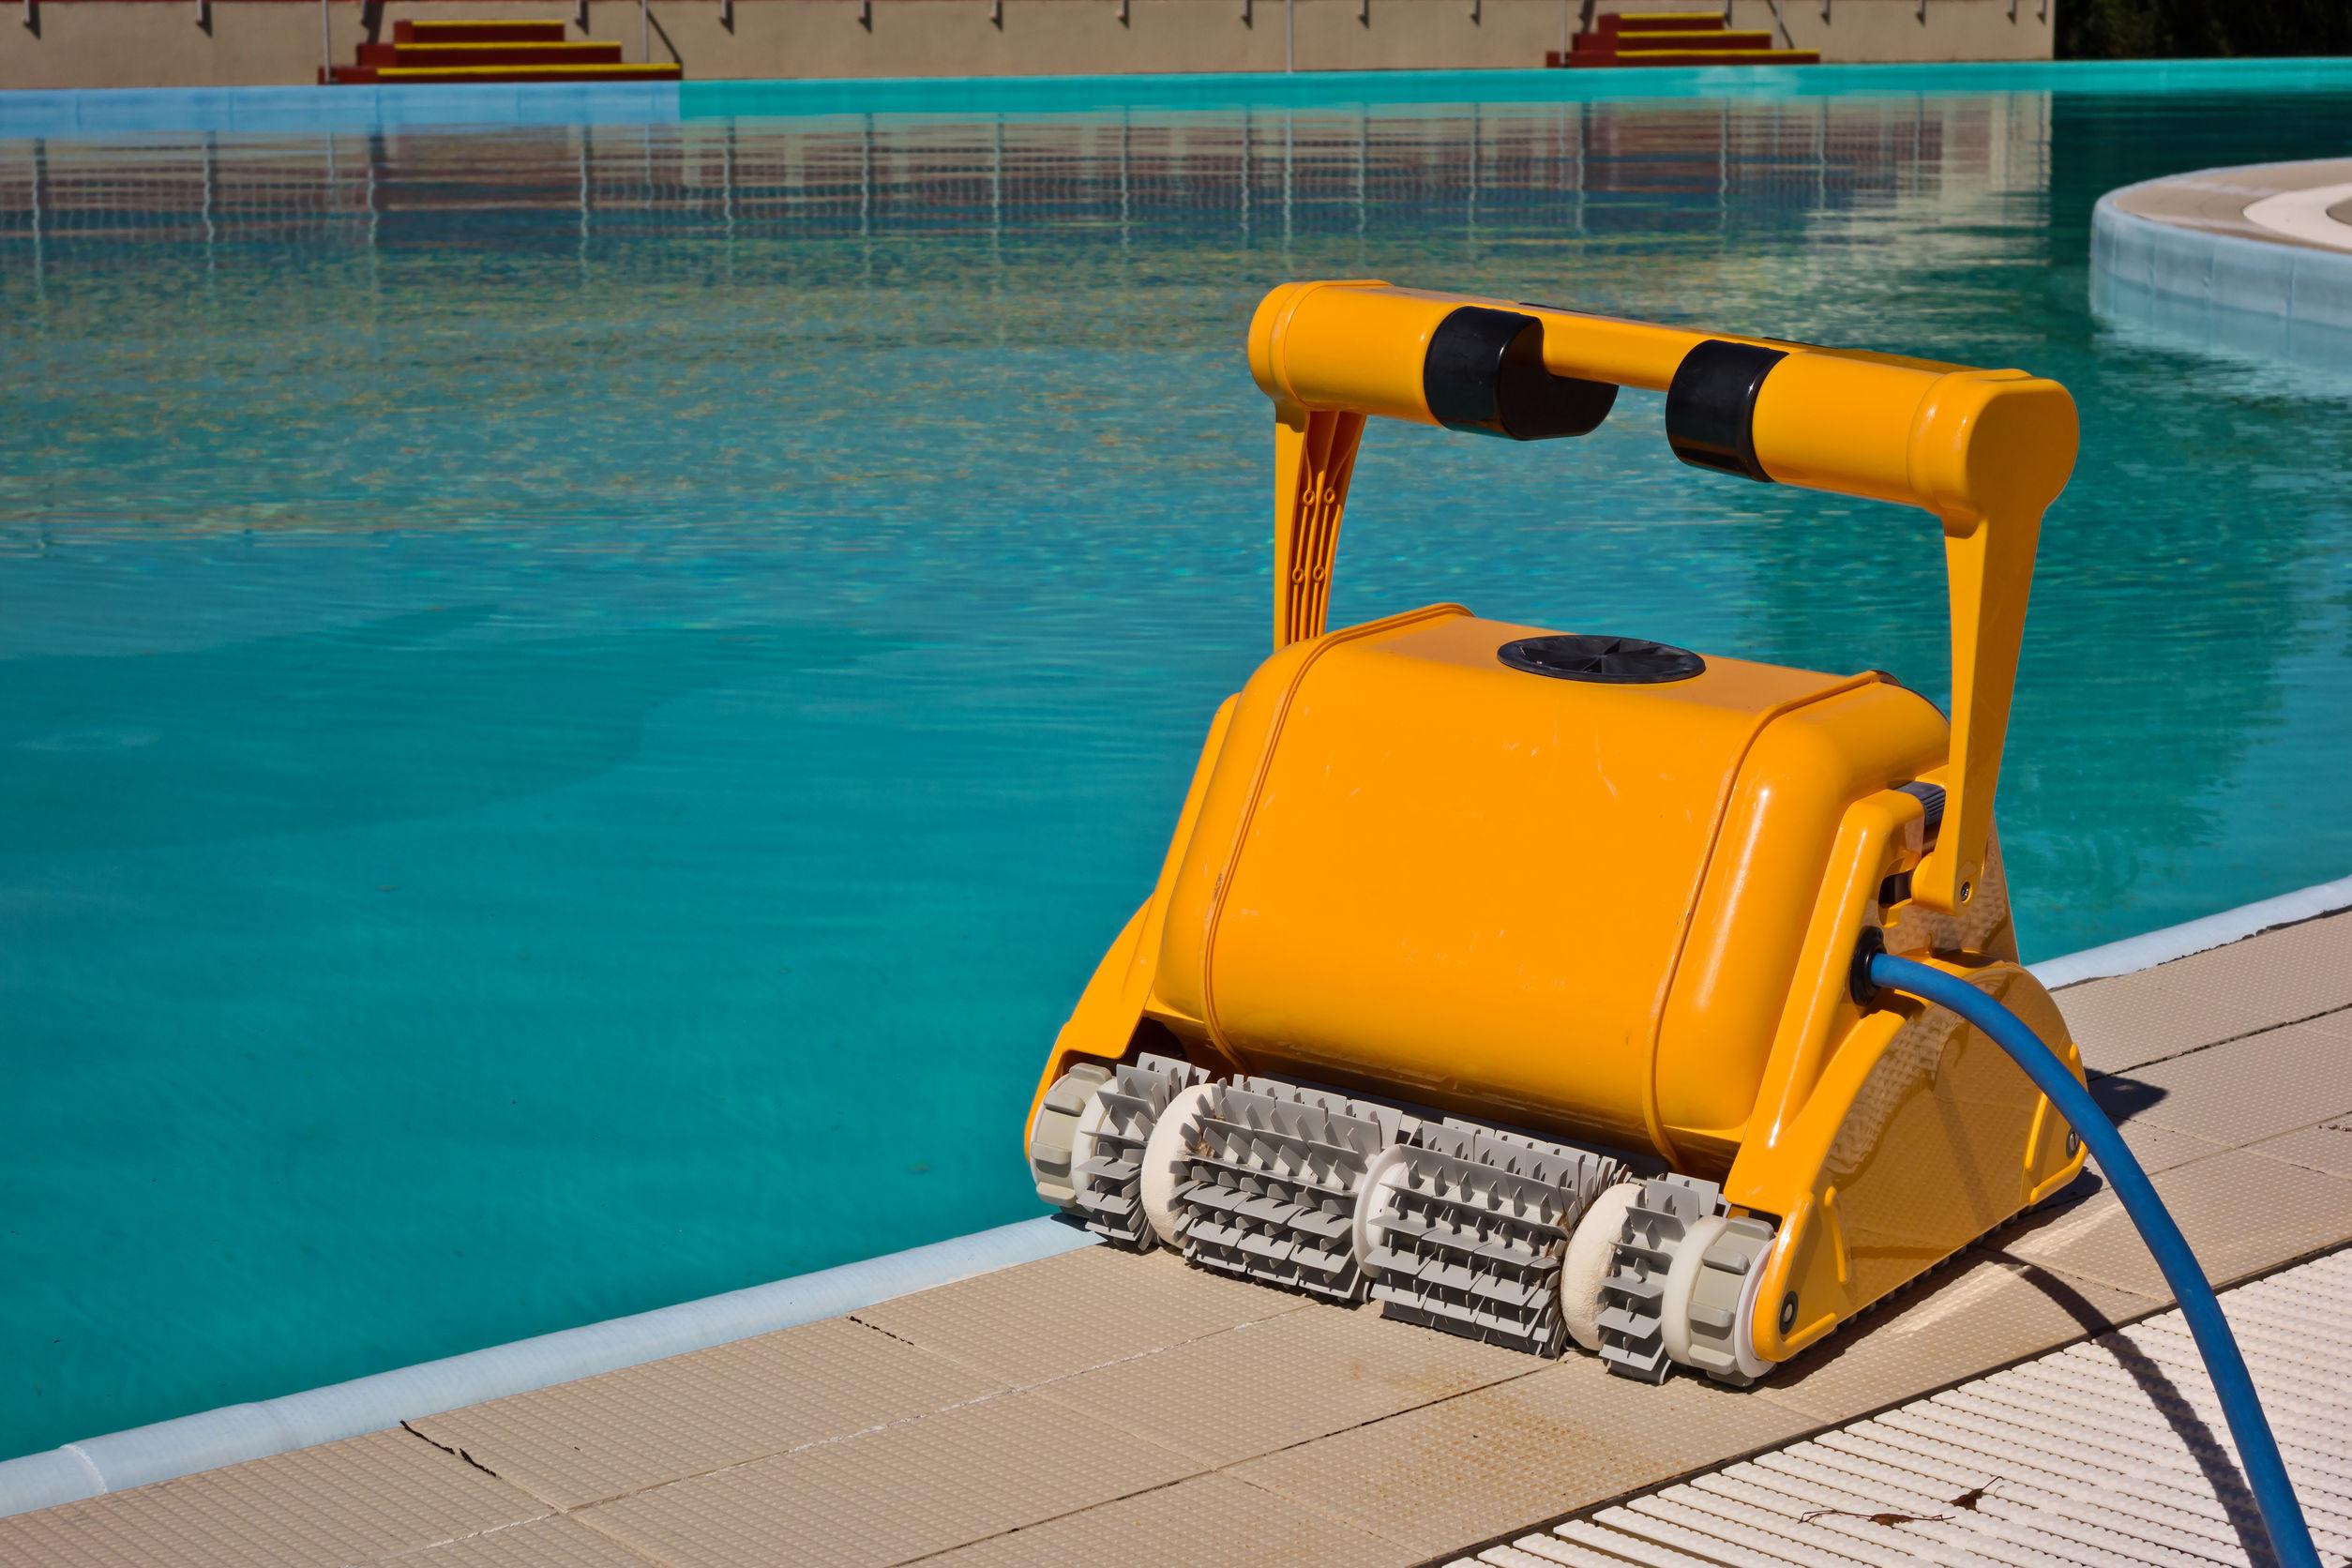 Un robot pulisci piscina giallo